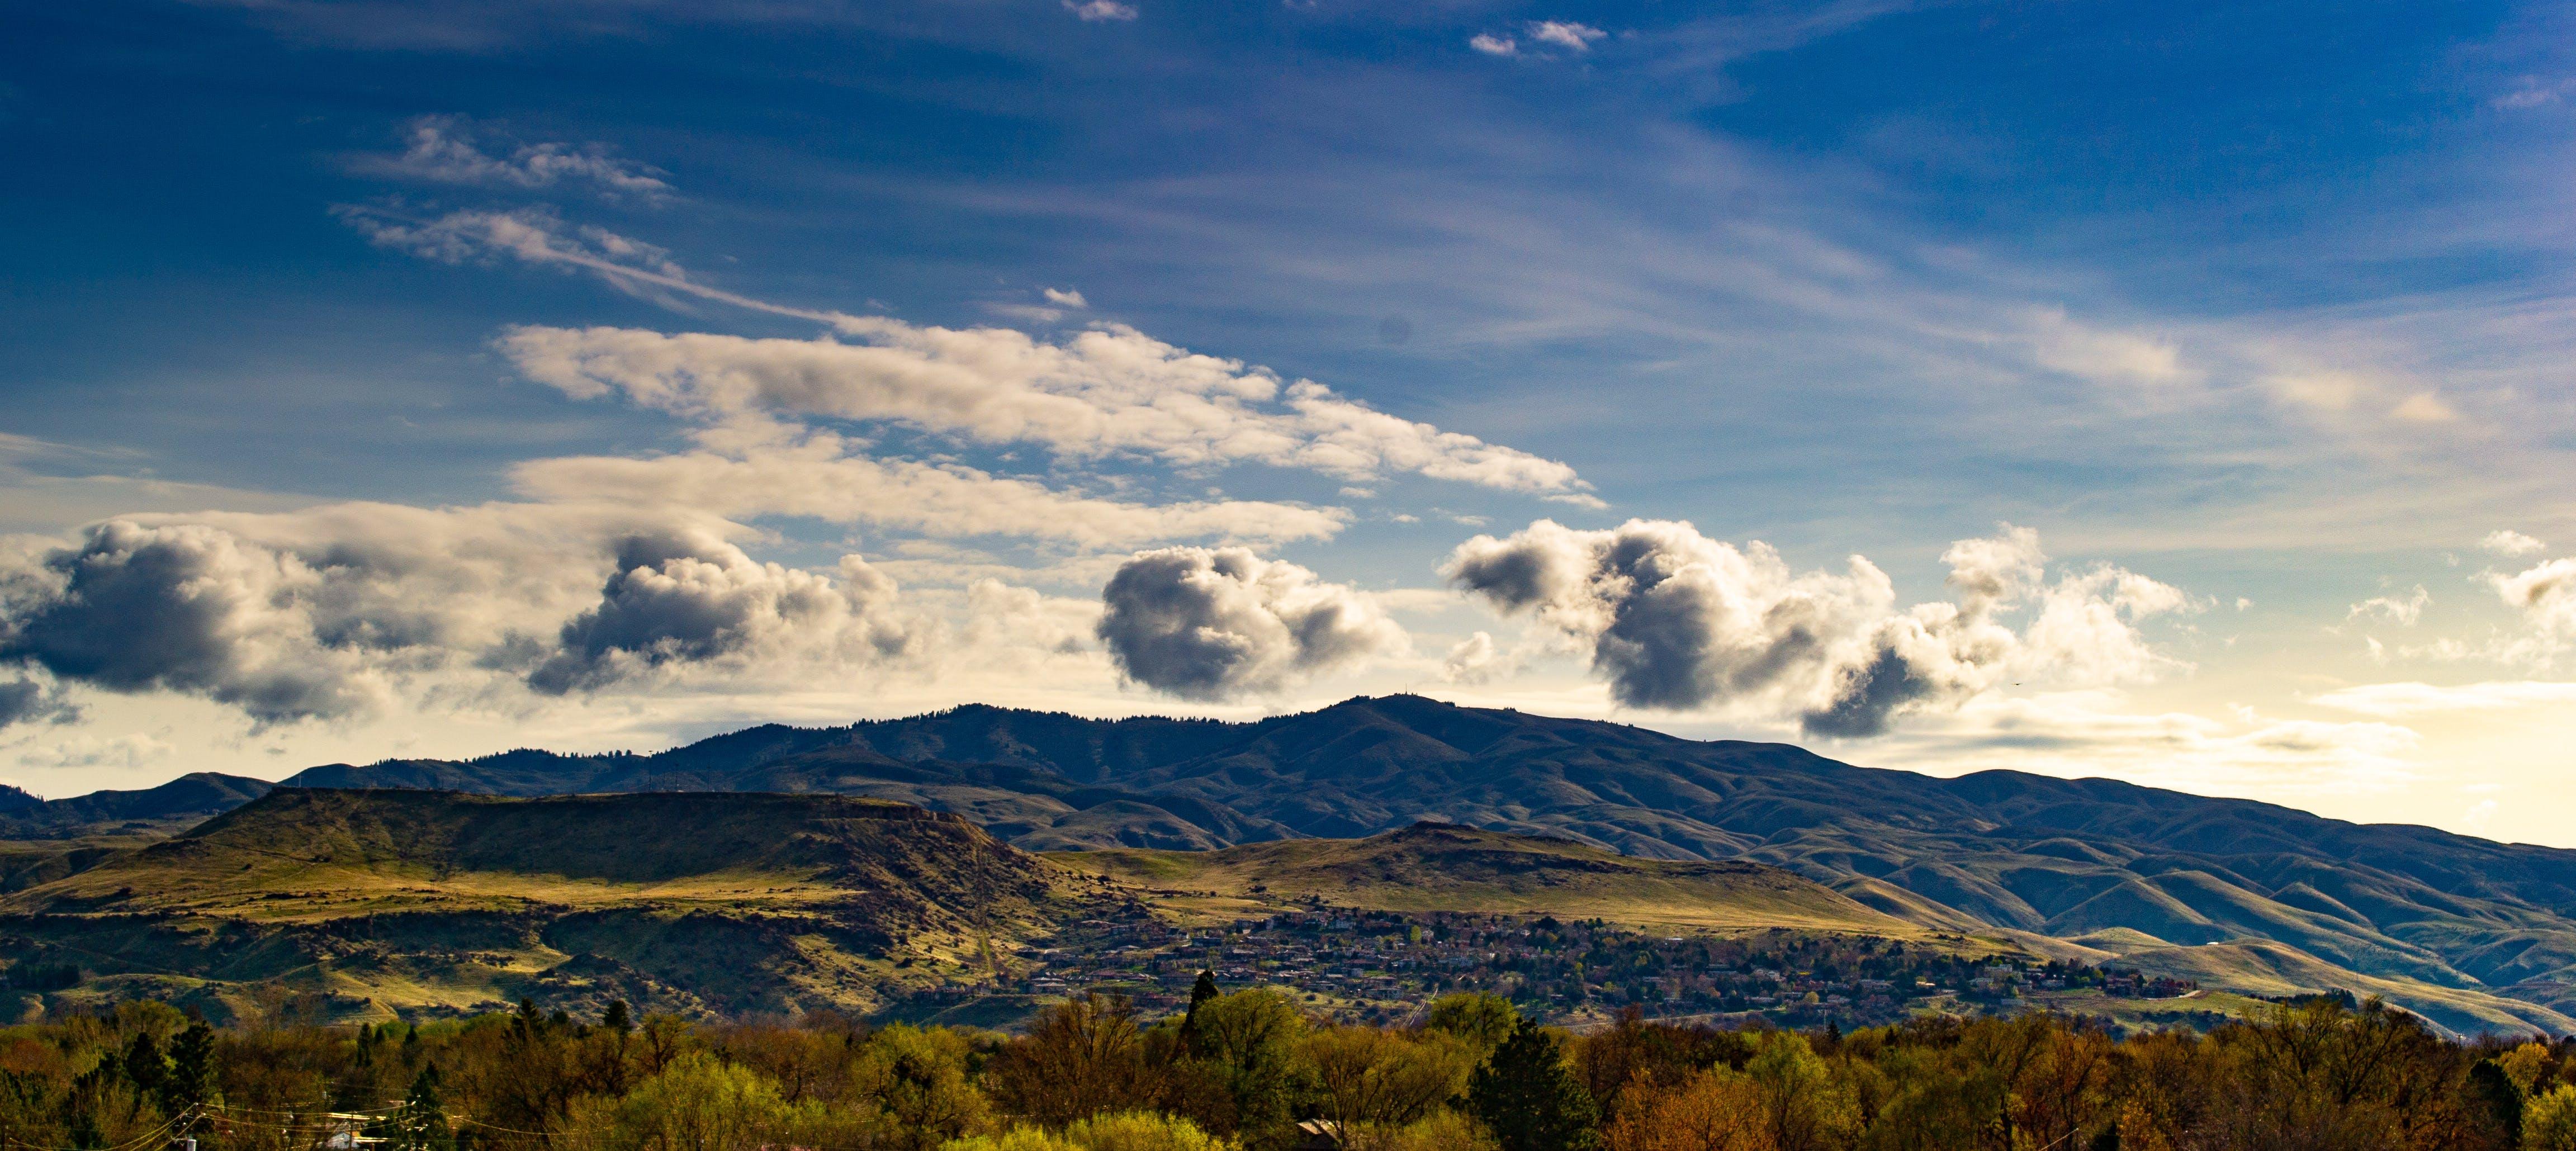 Fotos de stock gratuitas de amanecer, arboles, cielo, cielo azul